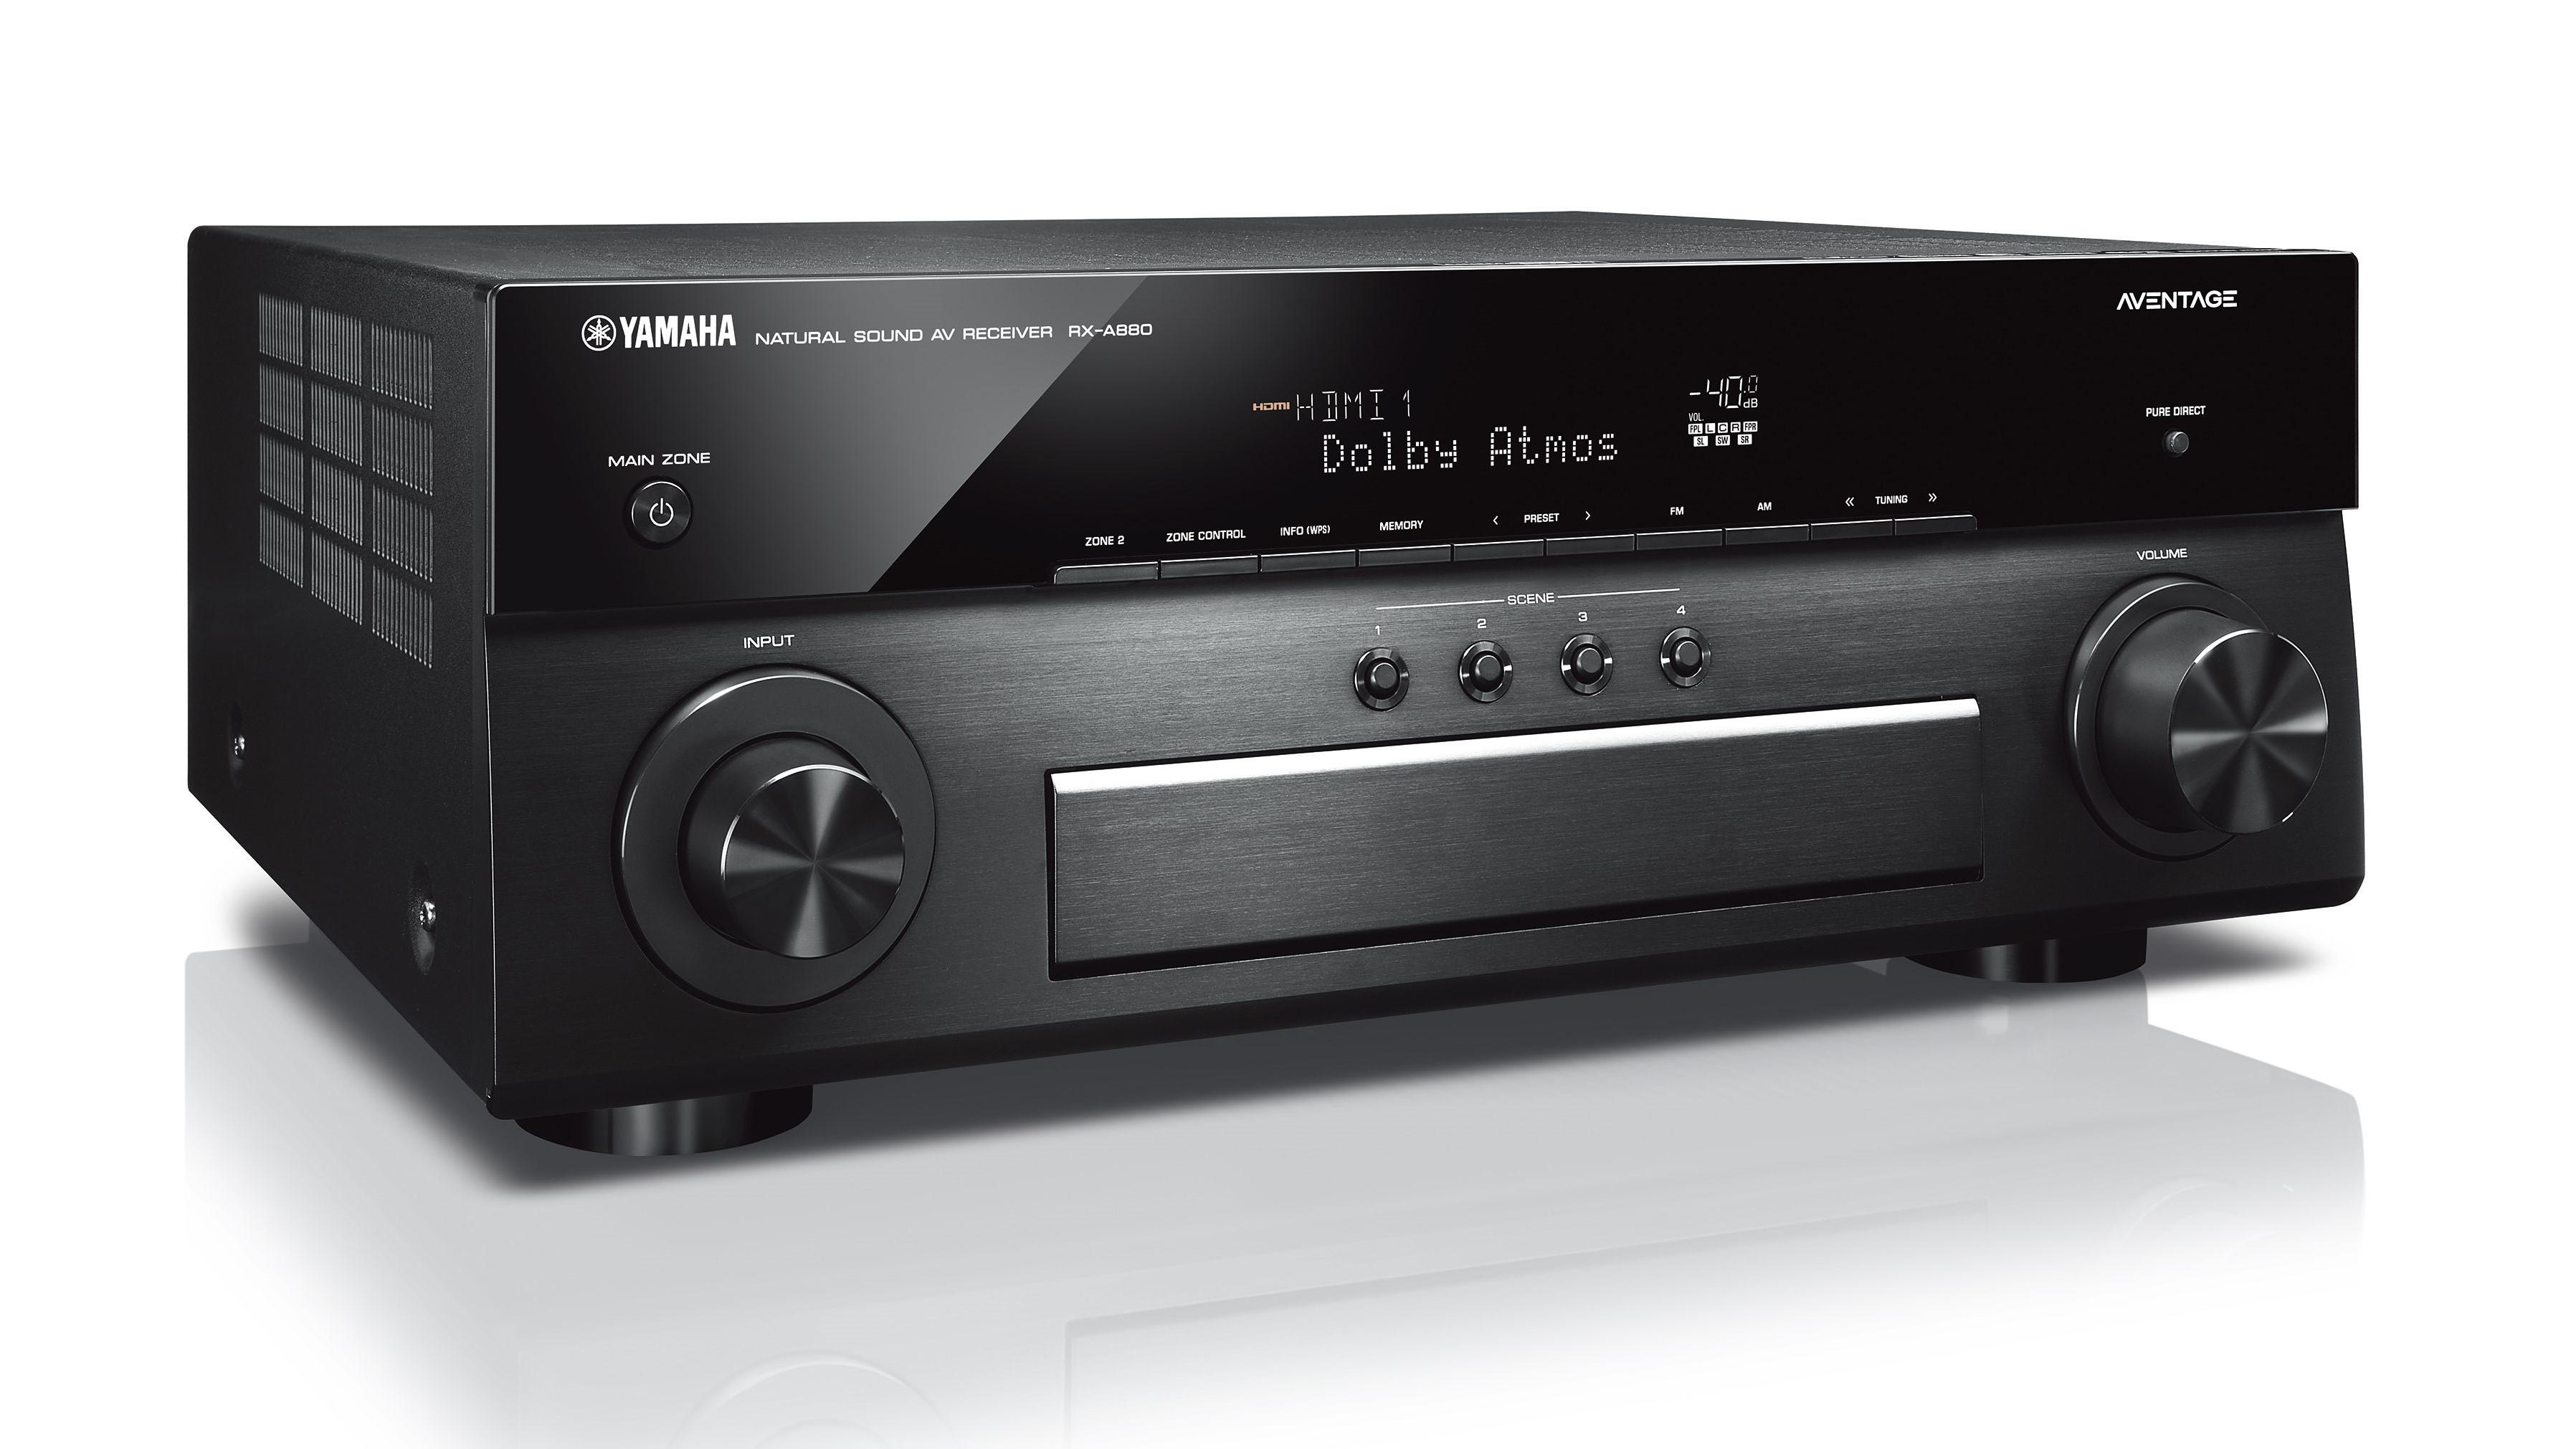 Yamaha RX-A880 review | TechRadar